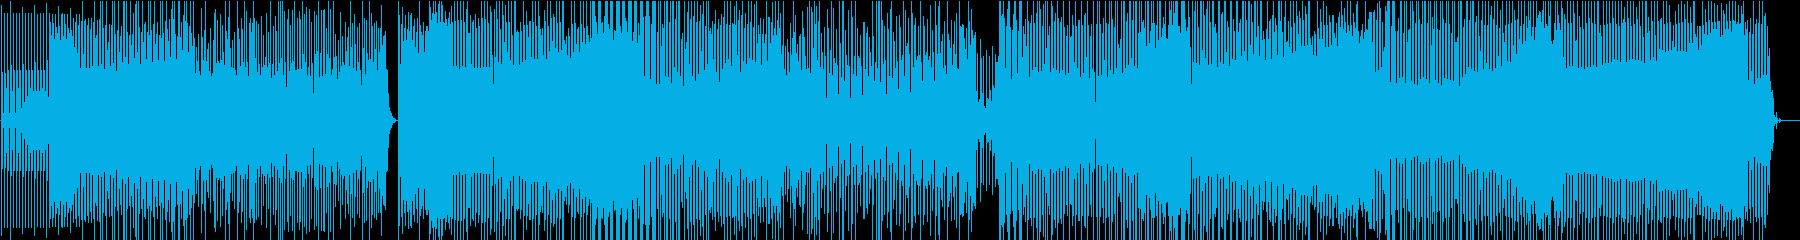 エレクトロハウスの再生済みの波形